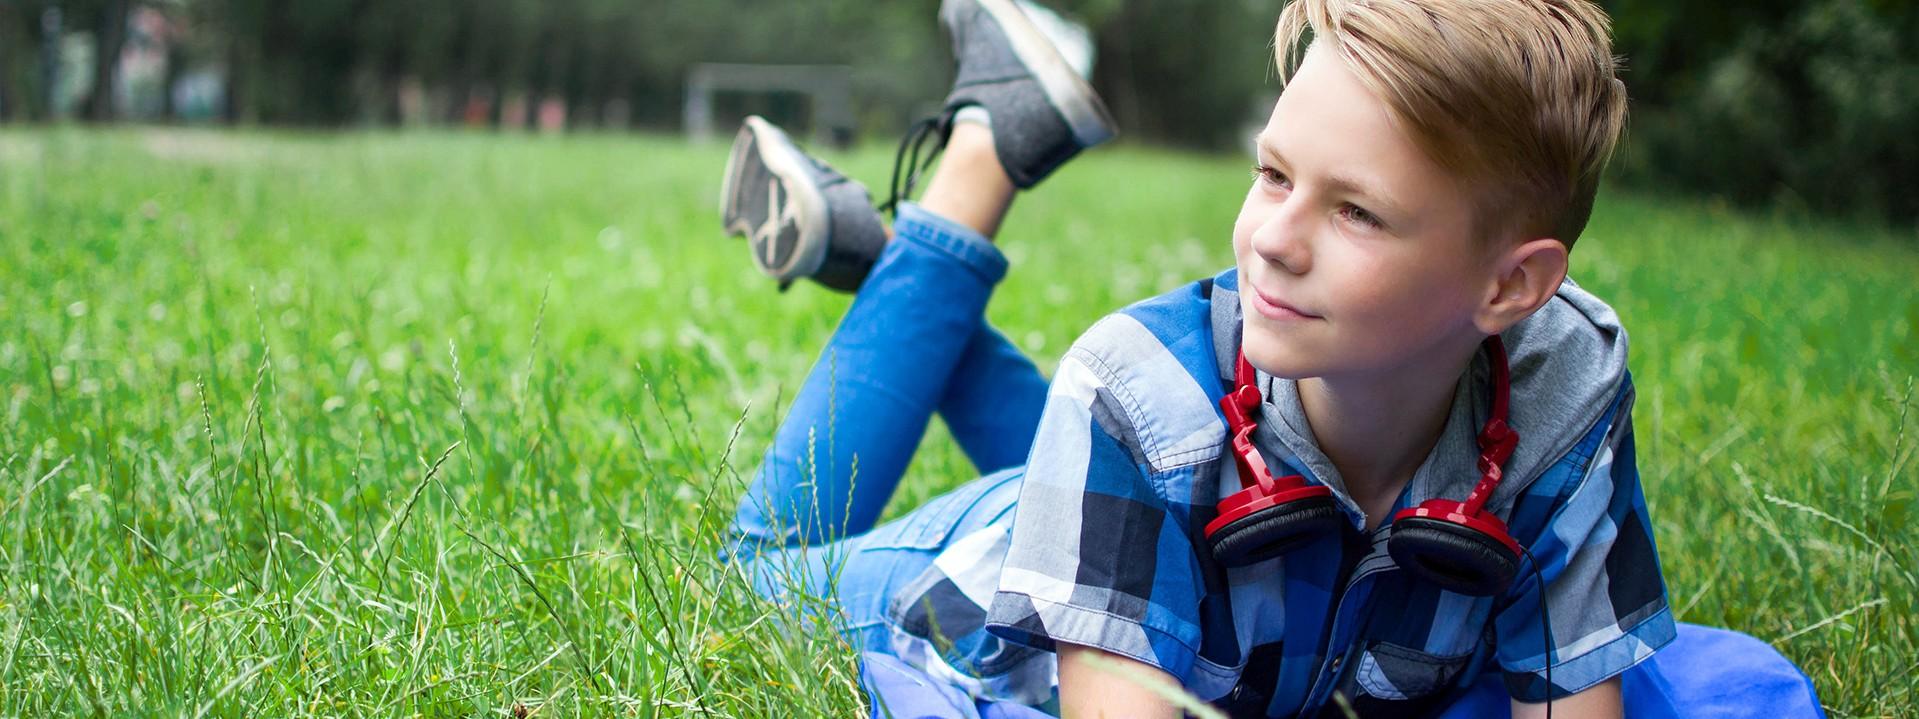 Junge liegt auf Wiese und schaut hoffnungsvoll